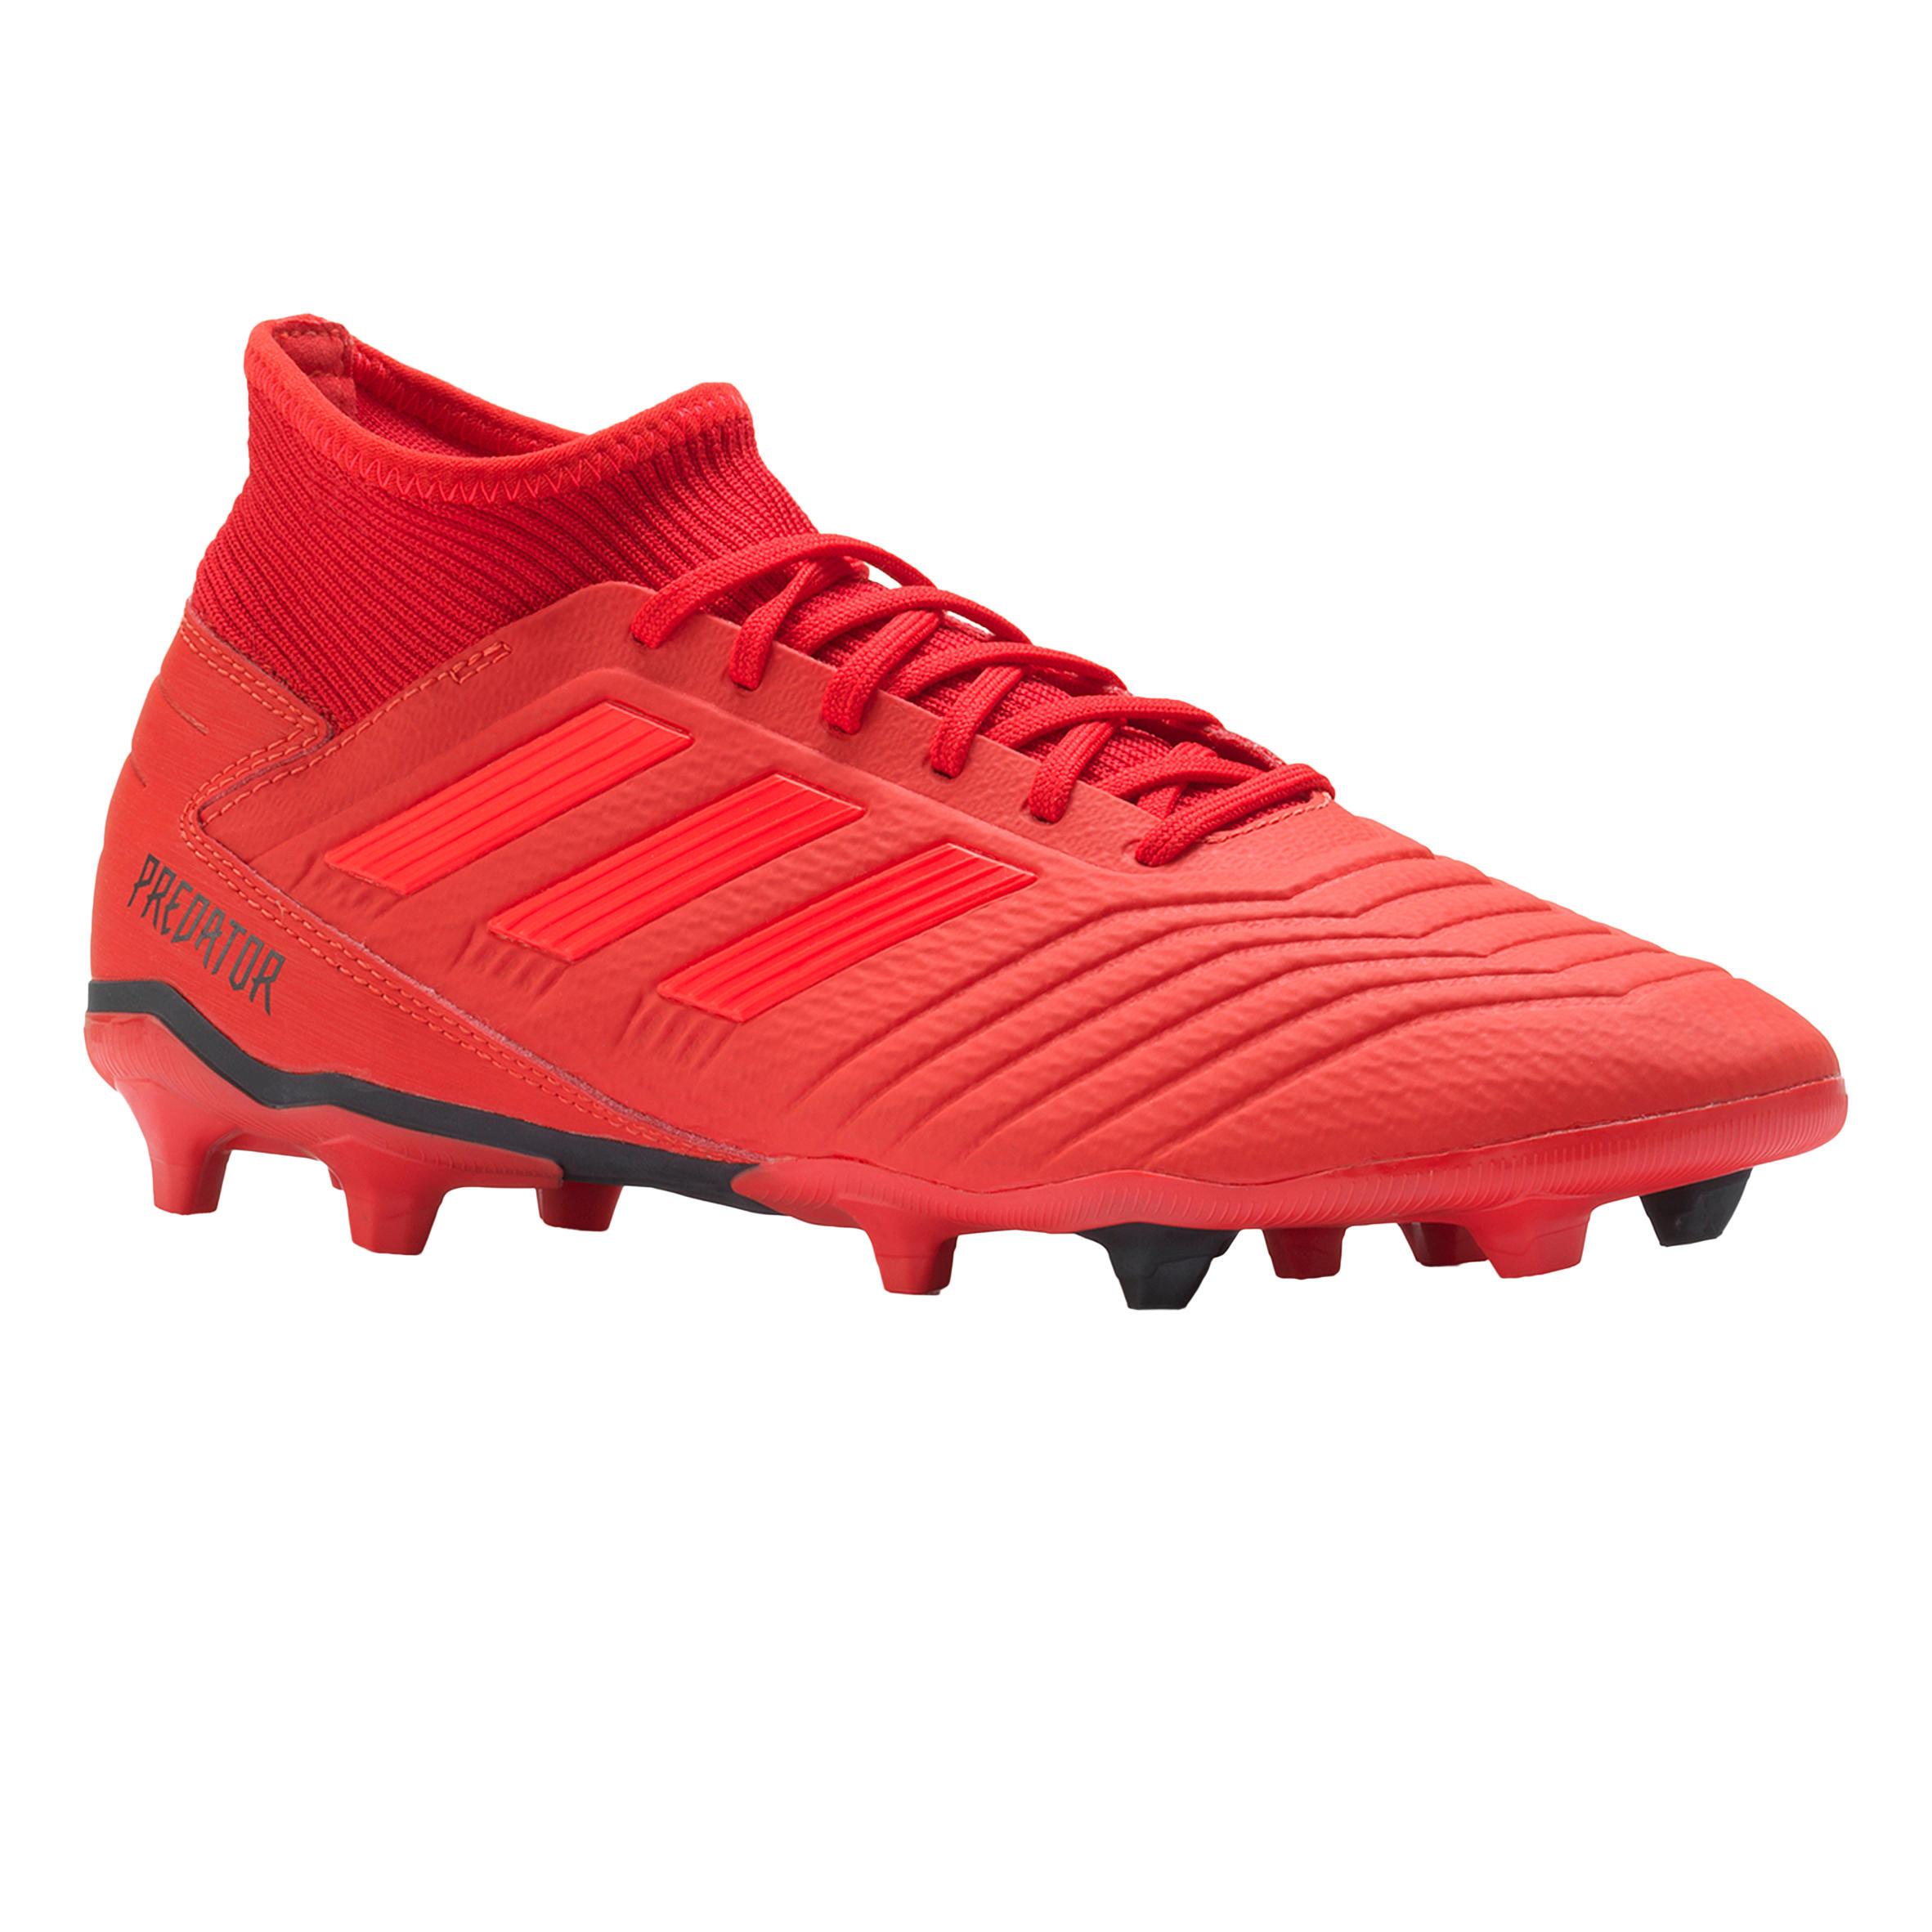 Adidas Voetbalschoenen Predator 19.3 FG rood